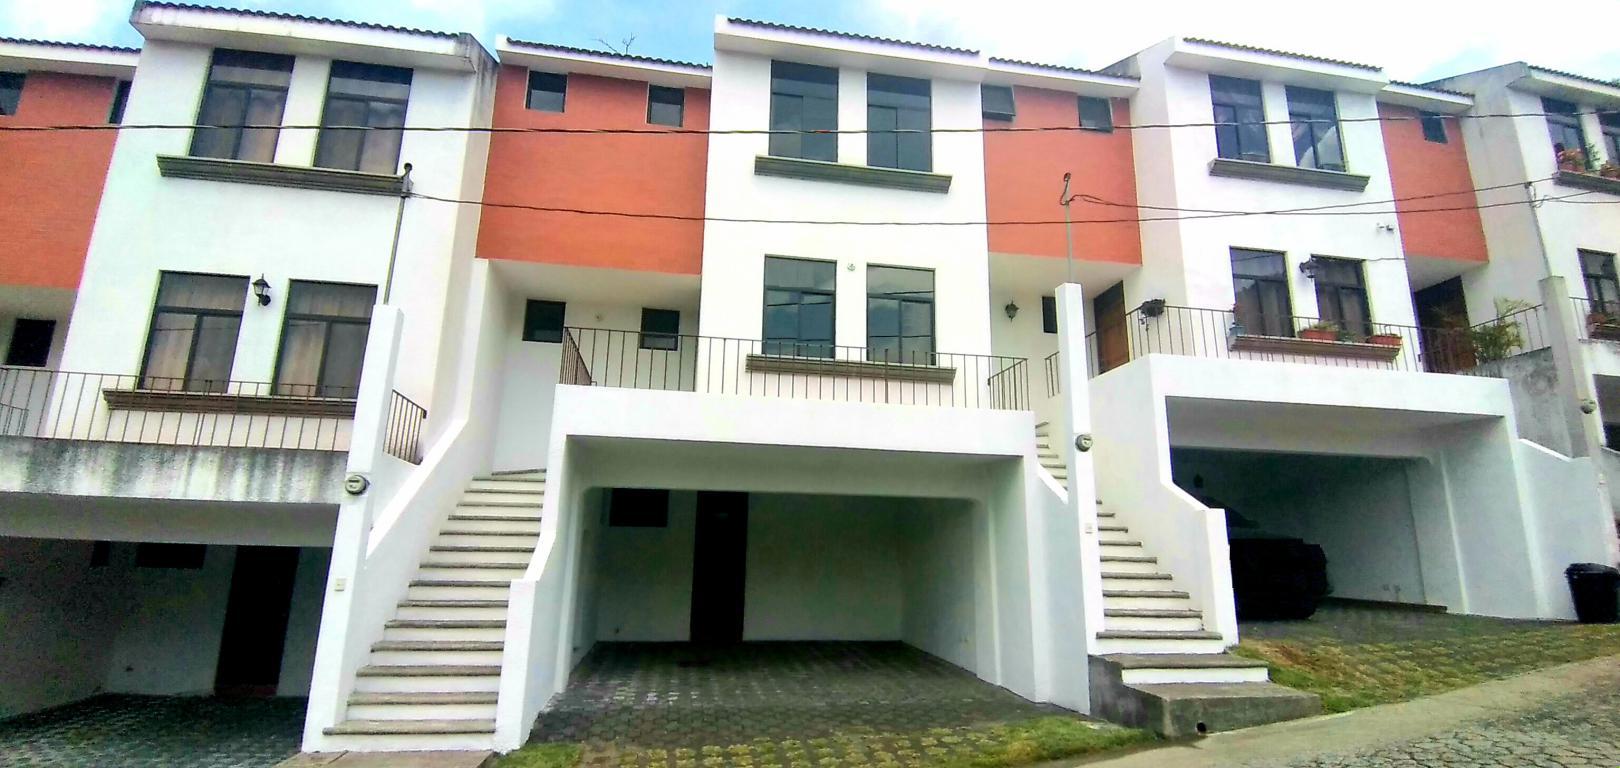 CityMax Antigua vende casa con financiamiento en San Lucas Sacatepéquez